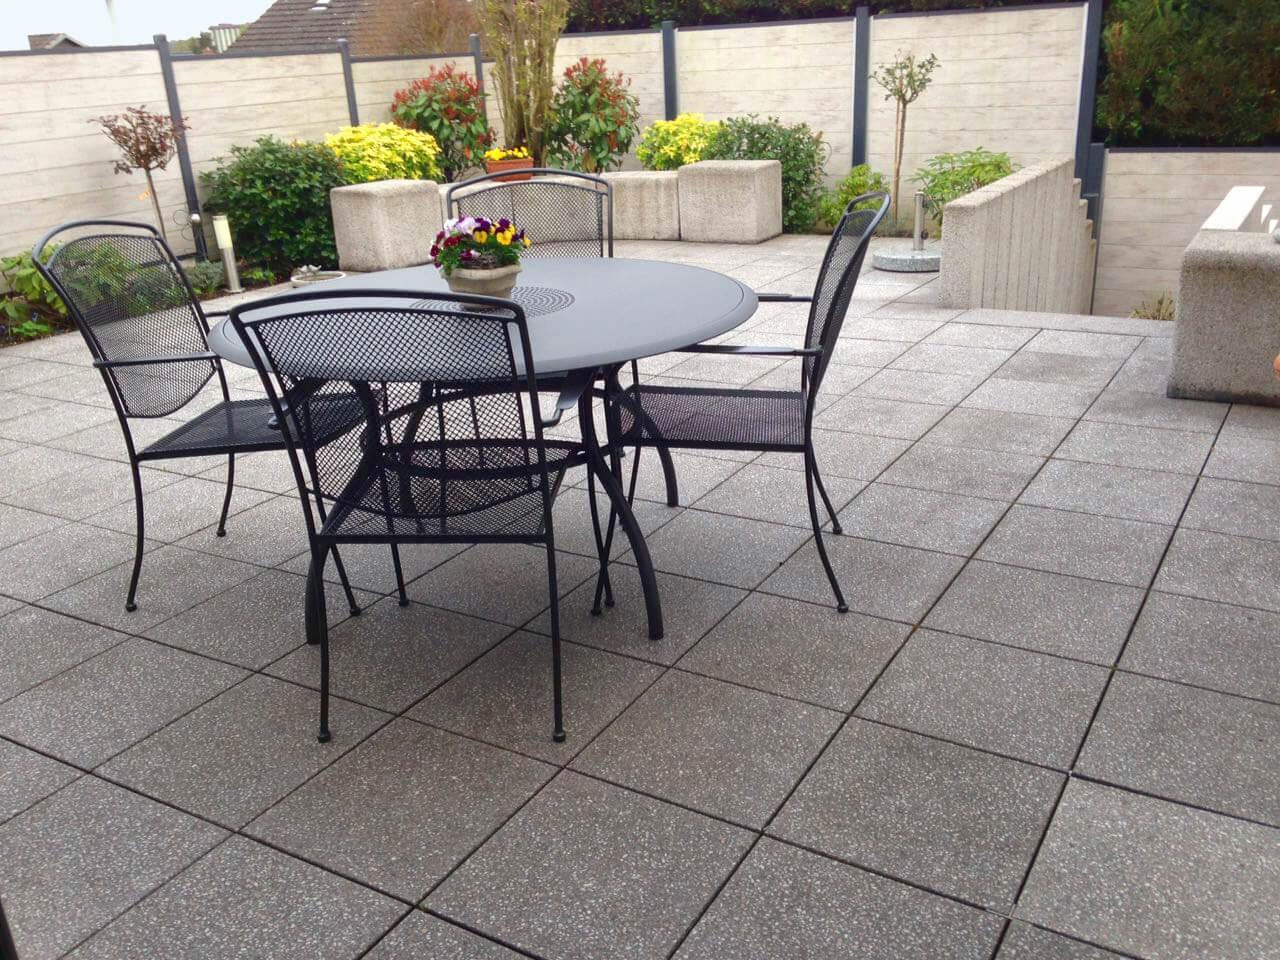 Blick auf die Terrassensituation vor der Reinigung. Die Verwitterungsspuren an Platten, Sitzblöcken und Stelen sind erkennbar.